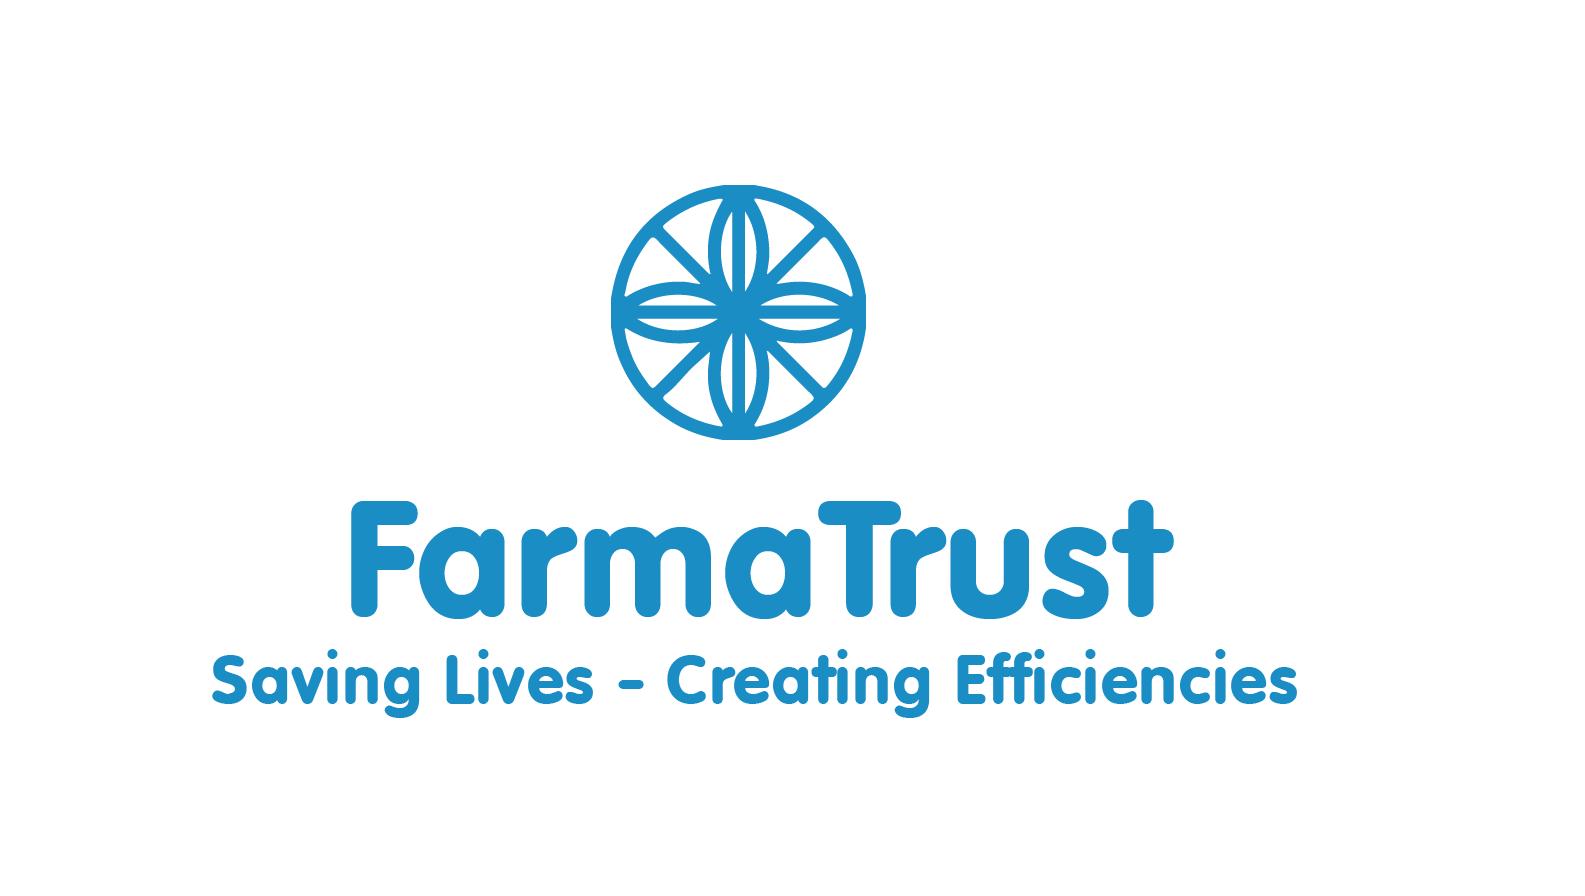 farmatrust_logo.png